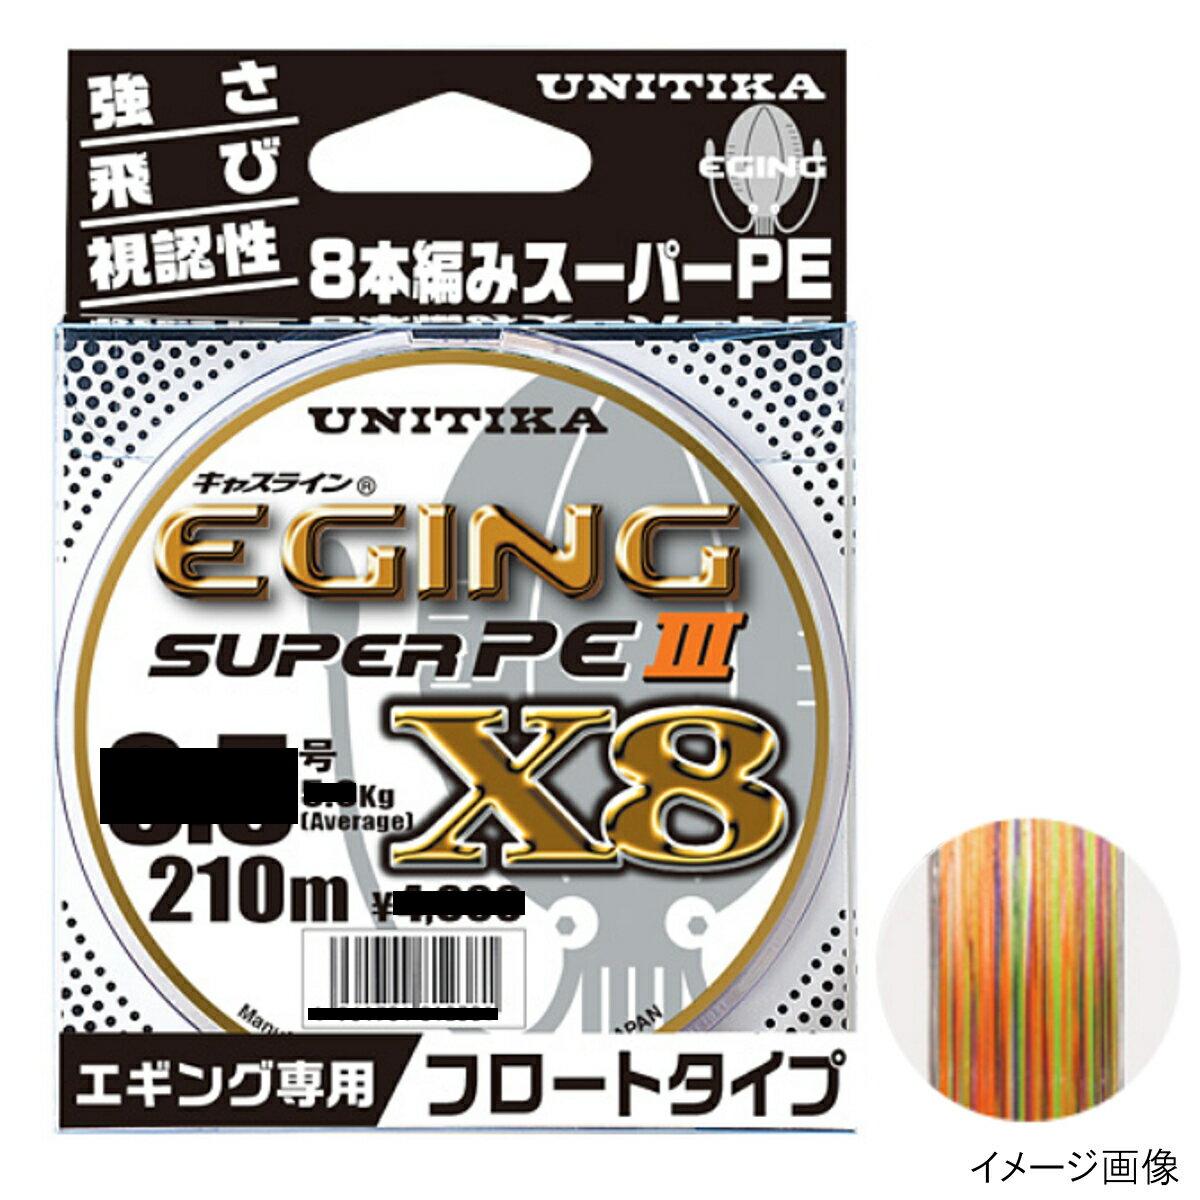 ユニチカ キャスライン エギングスーパーPEIII X8 210m 0.6号【ゆうパケット】